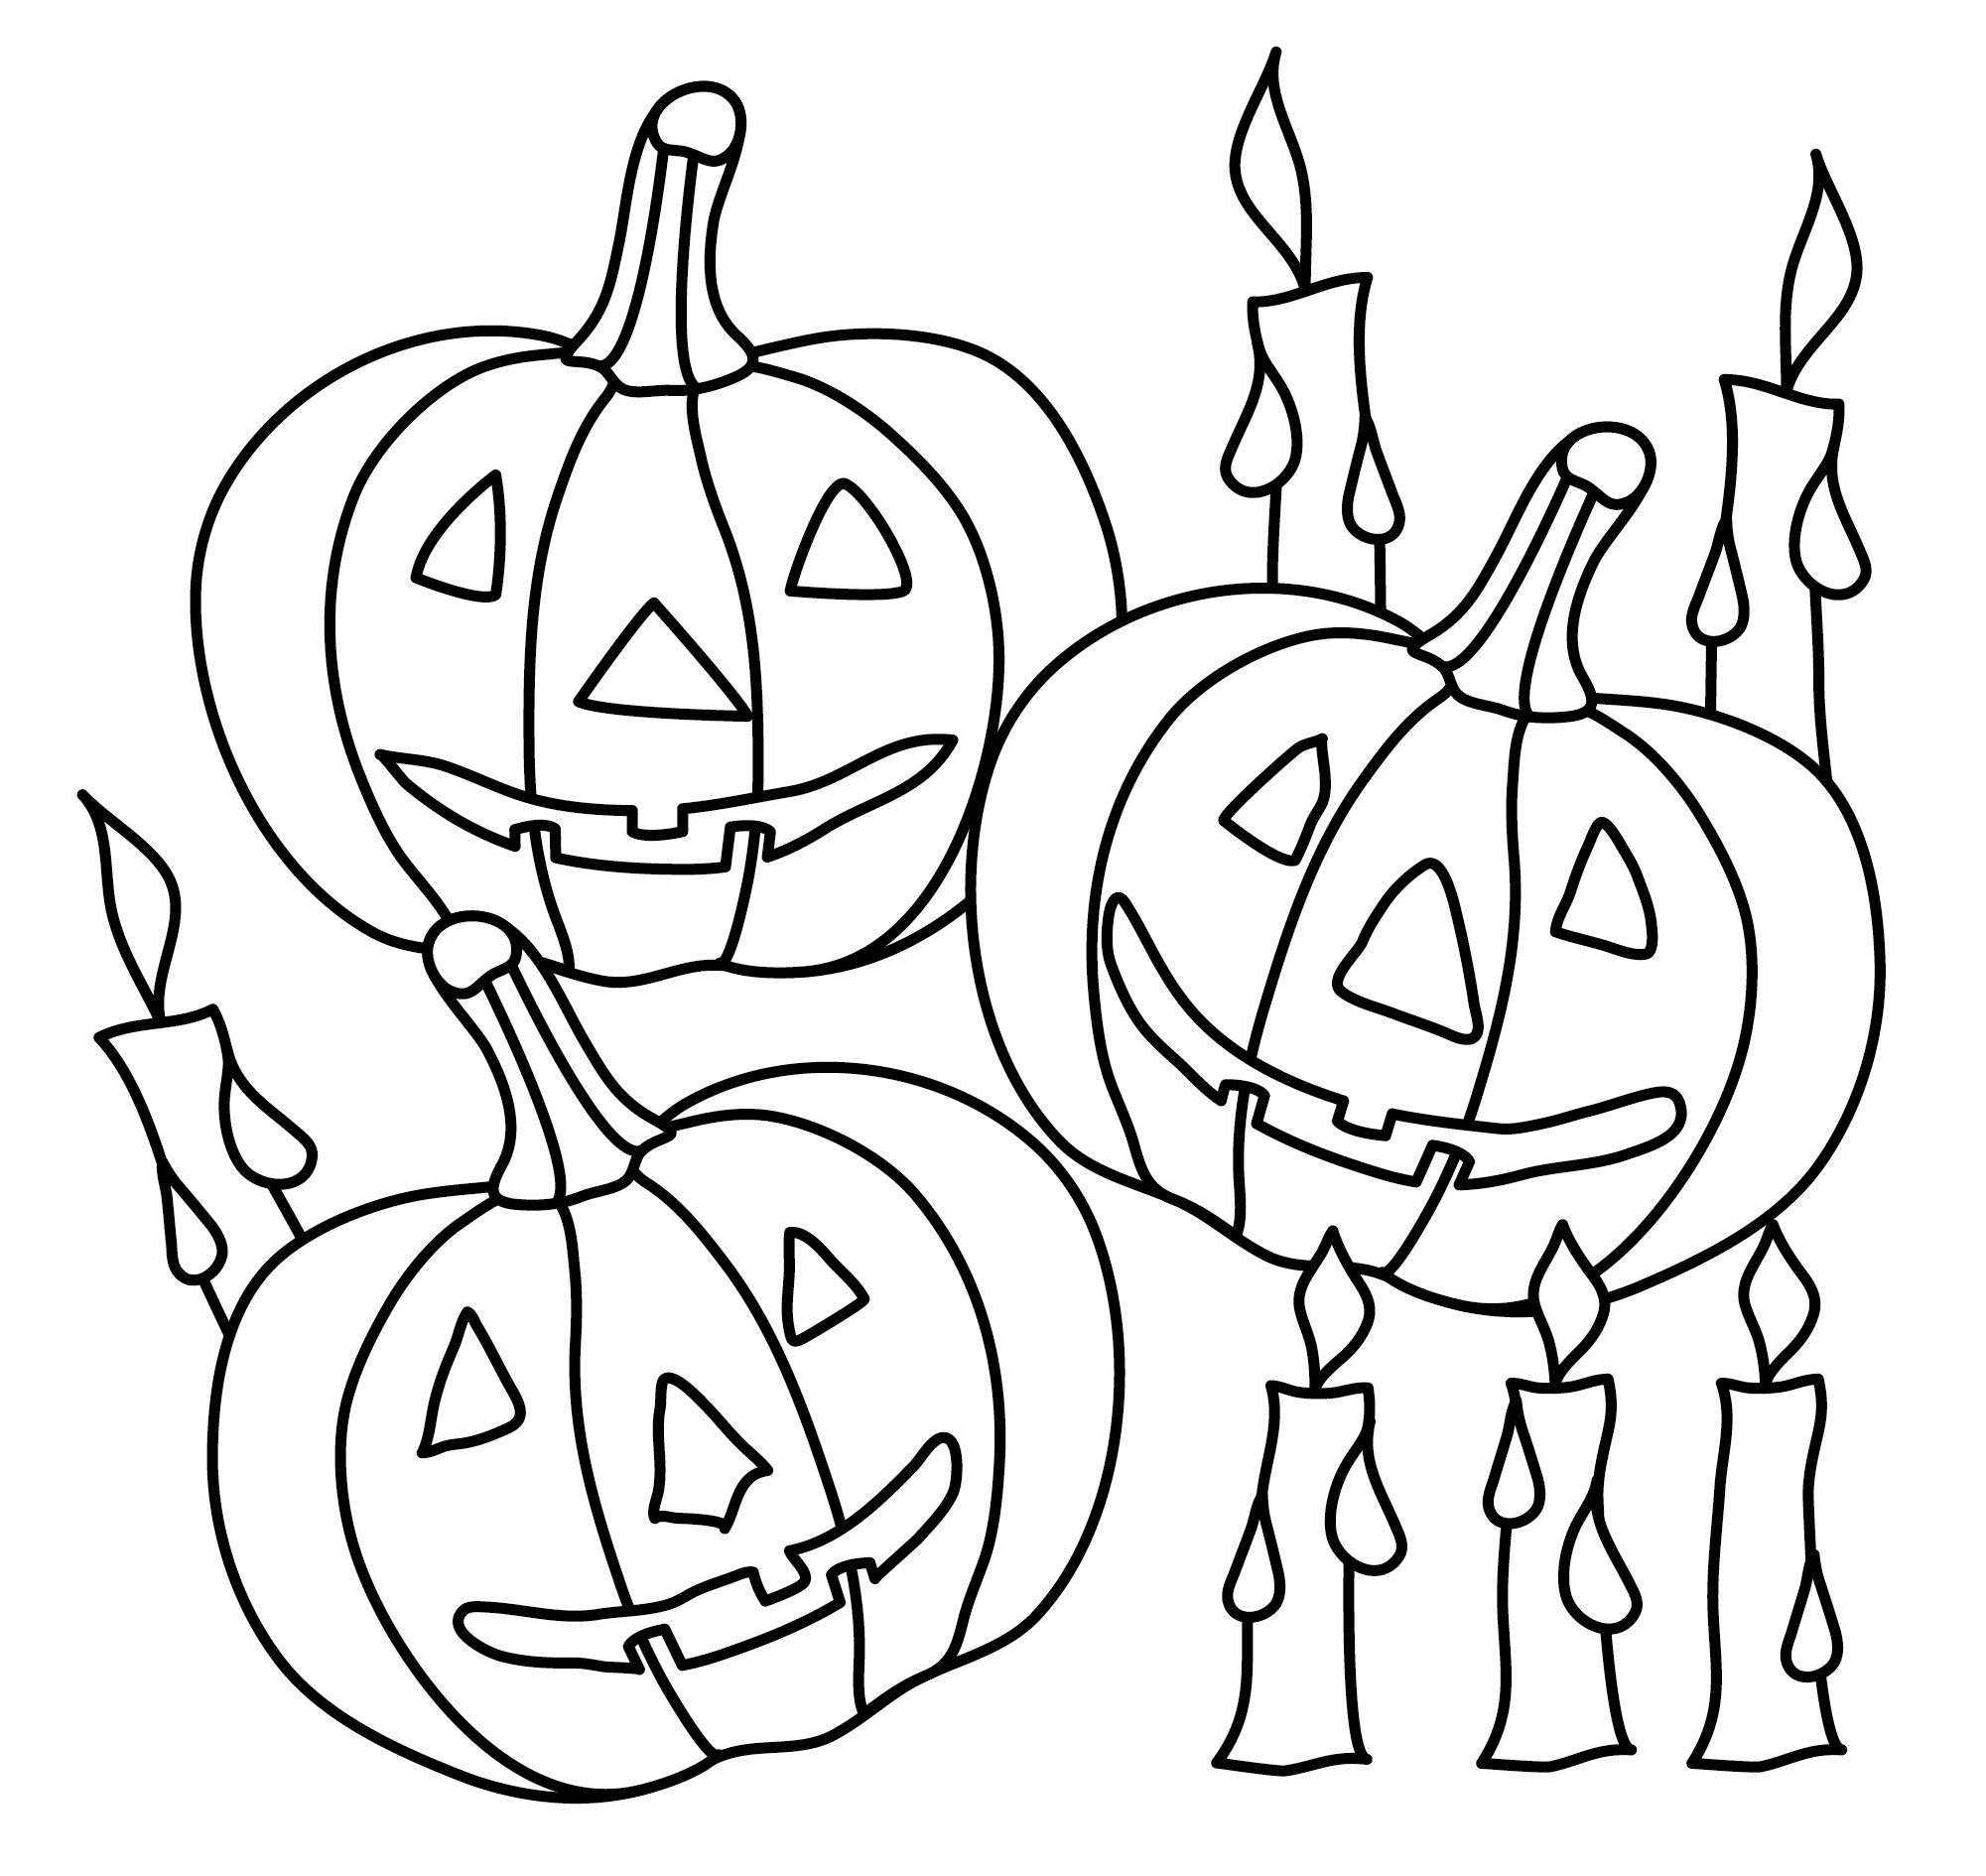 Ausmalbilder Halloween - Halloween Vorlagen Ausdrucken innen Ausmalbilder Zum Ausdrucken Halloween